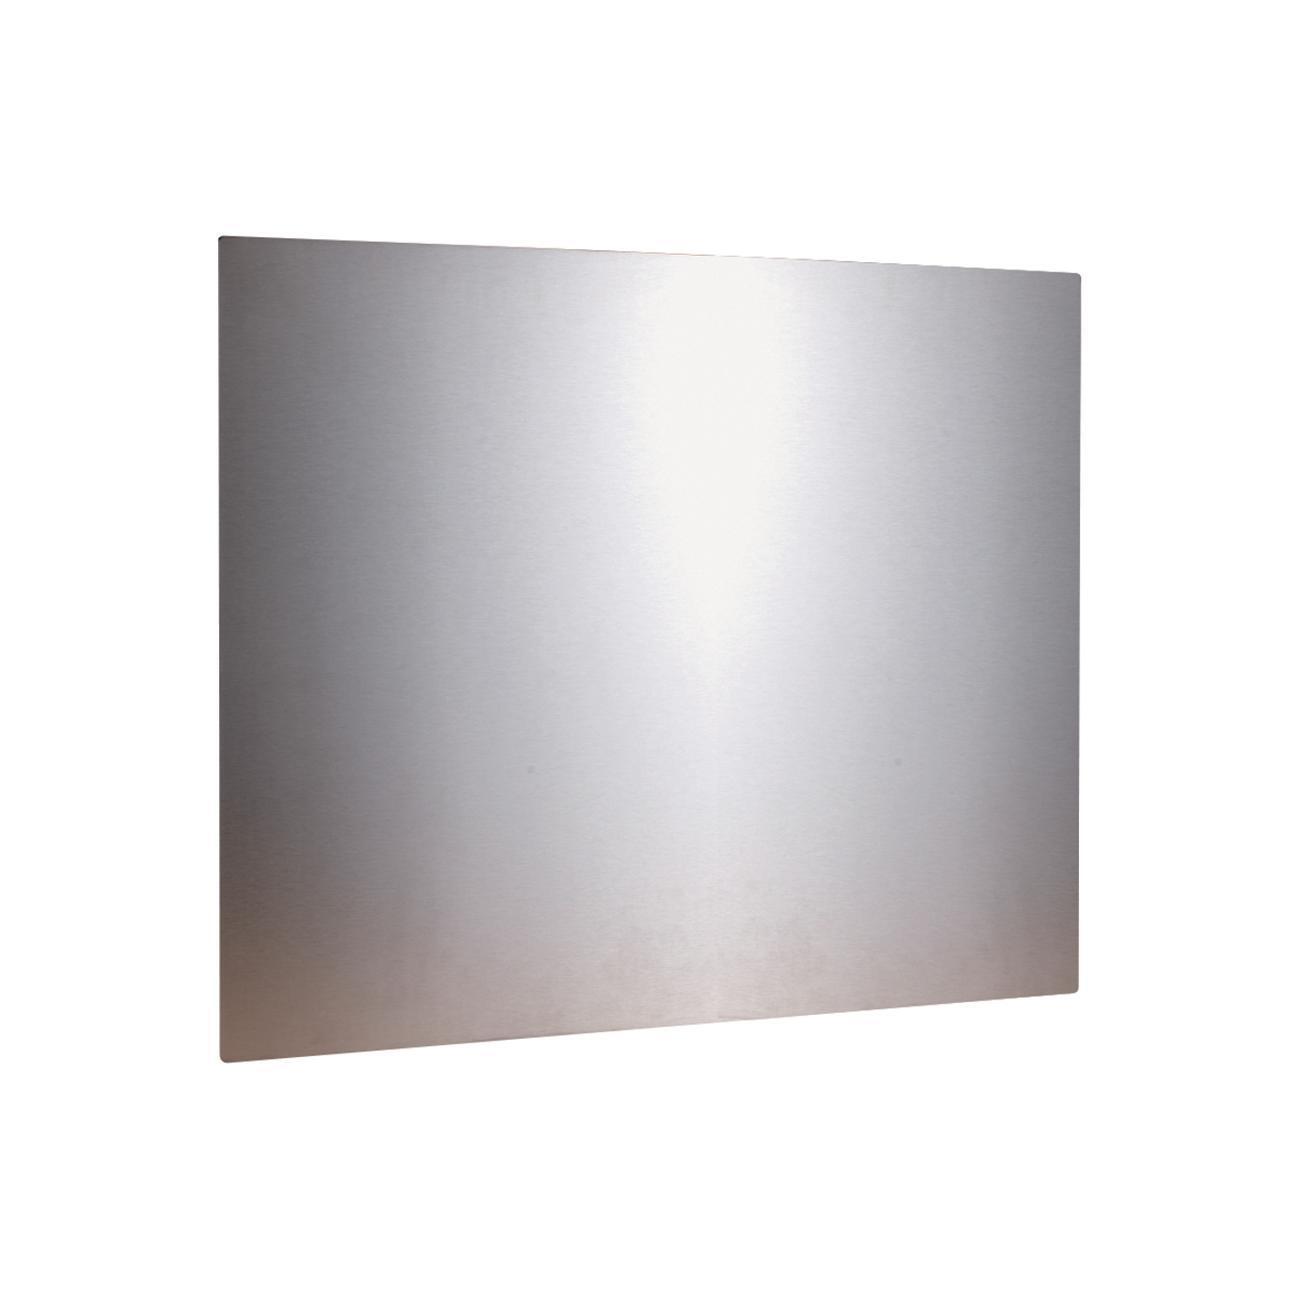 Pannello decorativo della cucina in inox L 90 x H 50 cm - 2